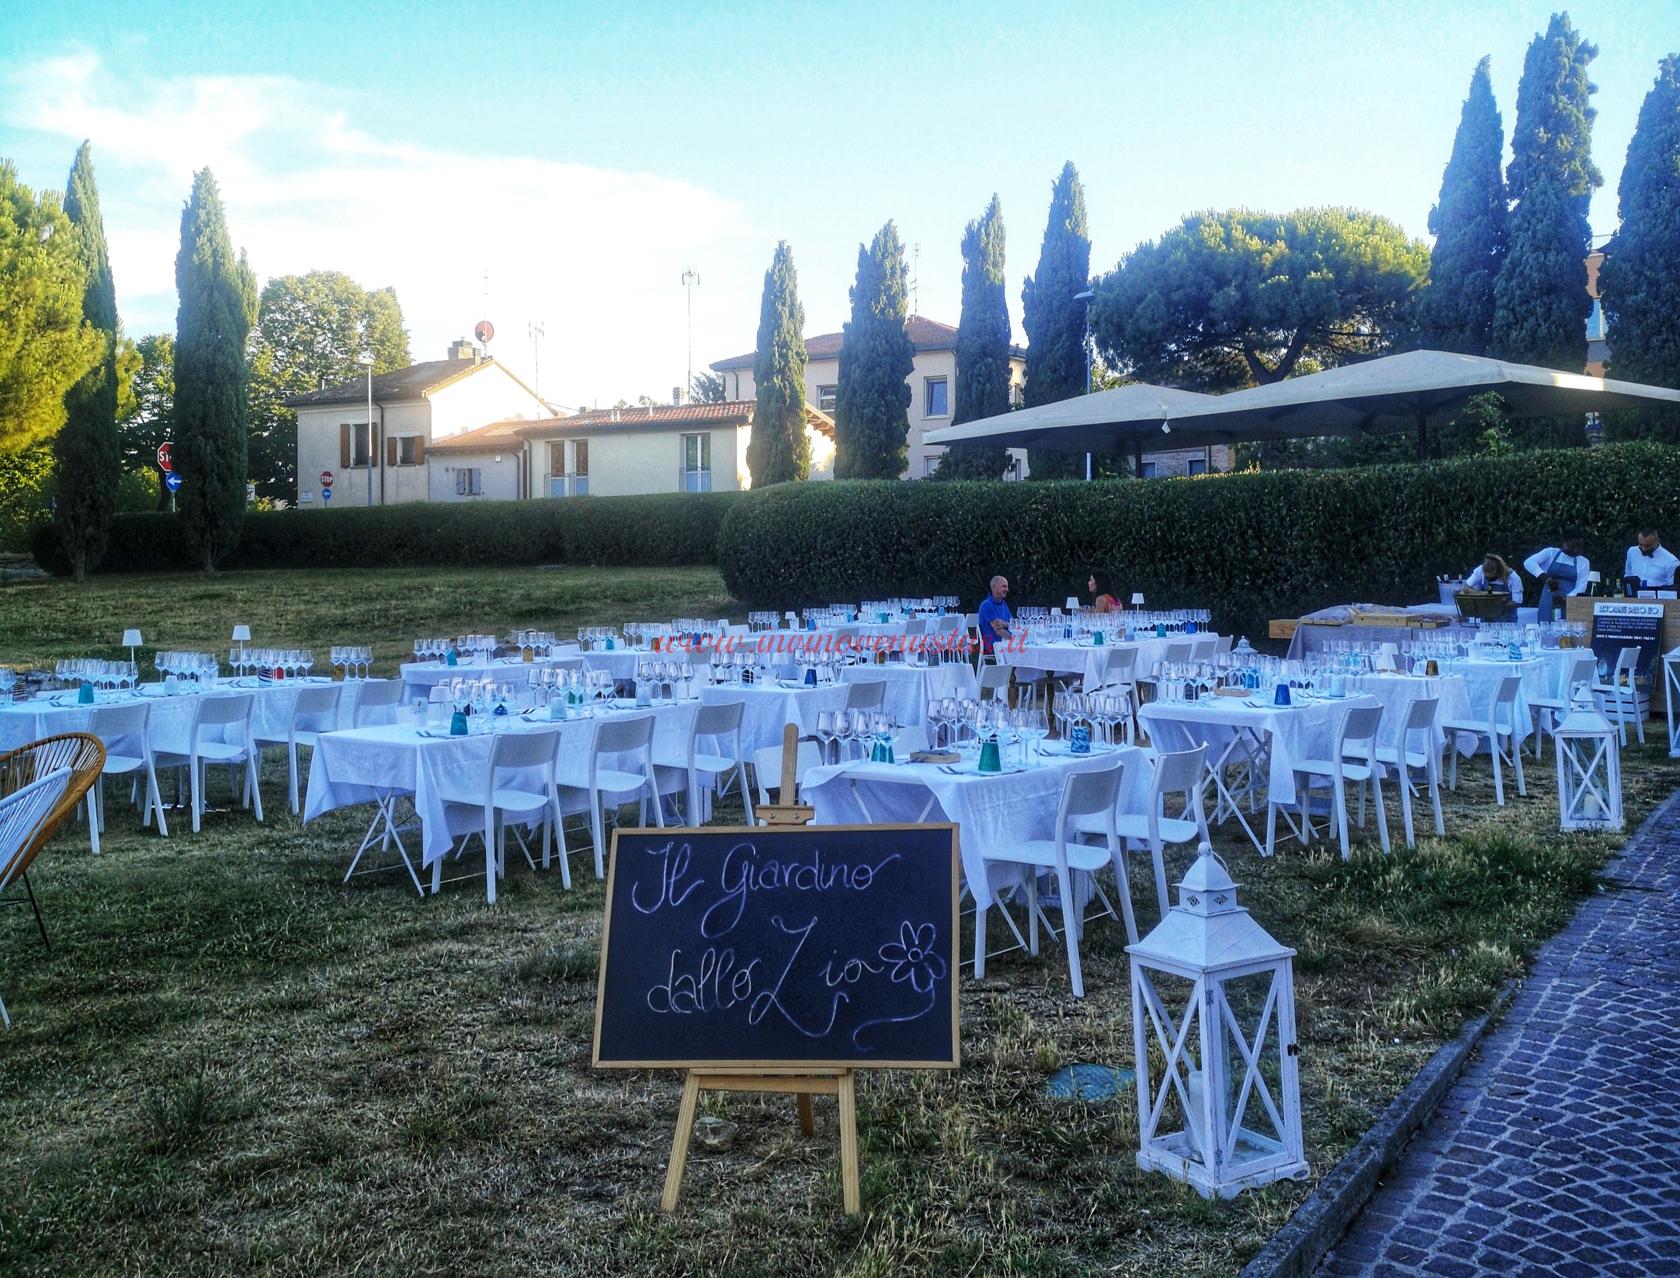 Spazio esterno Ristorante dallo zio Rimini estate 2021